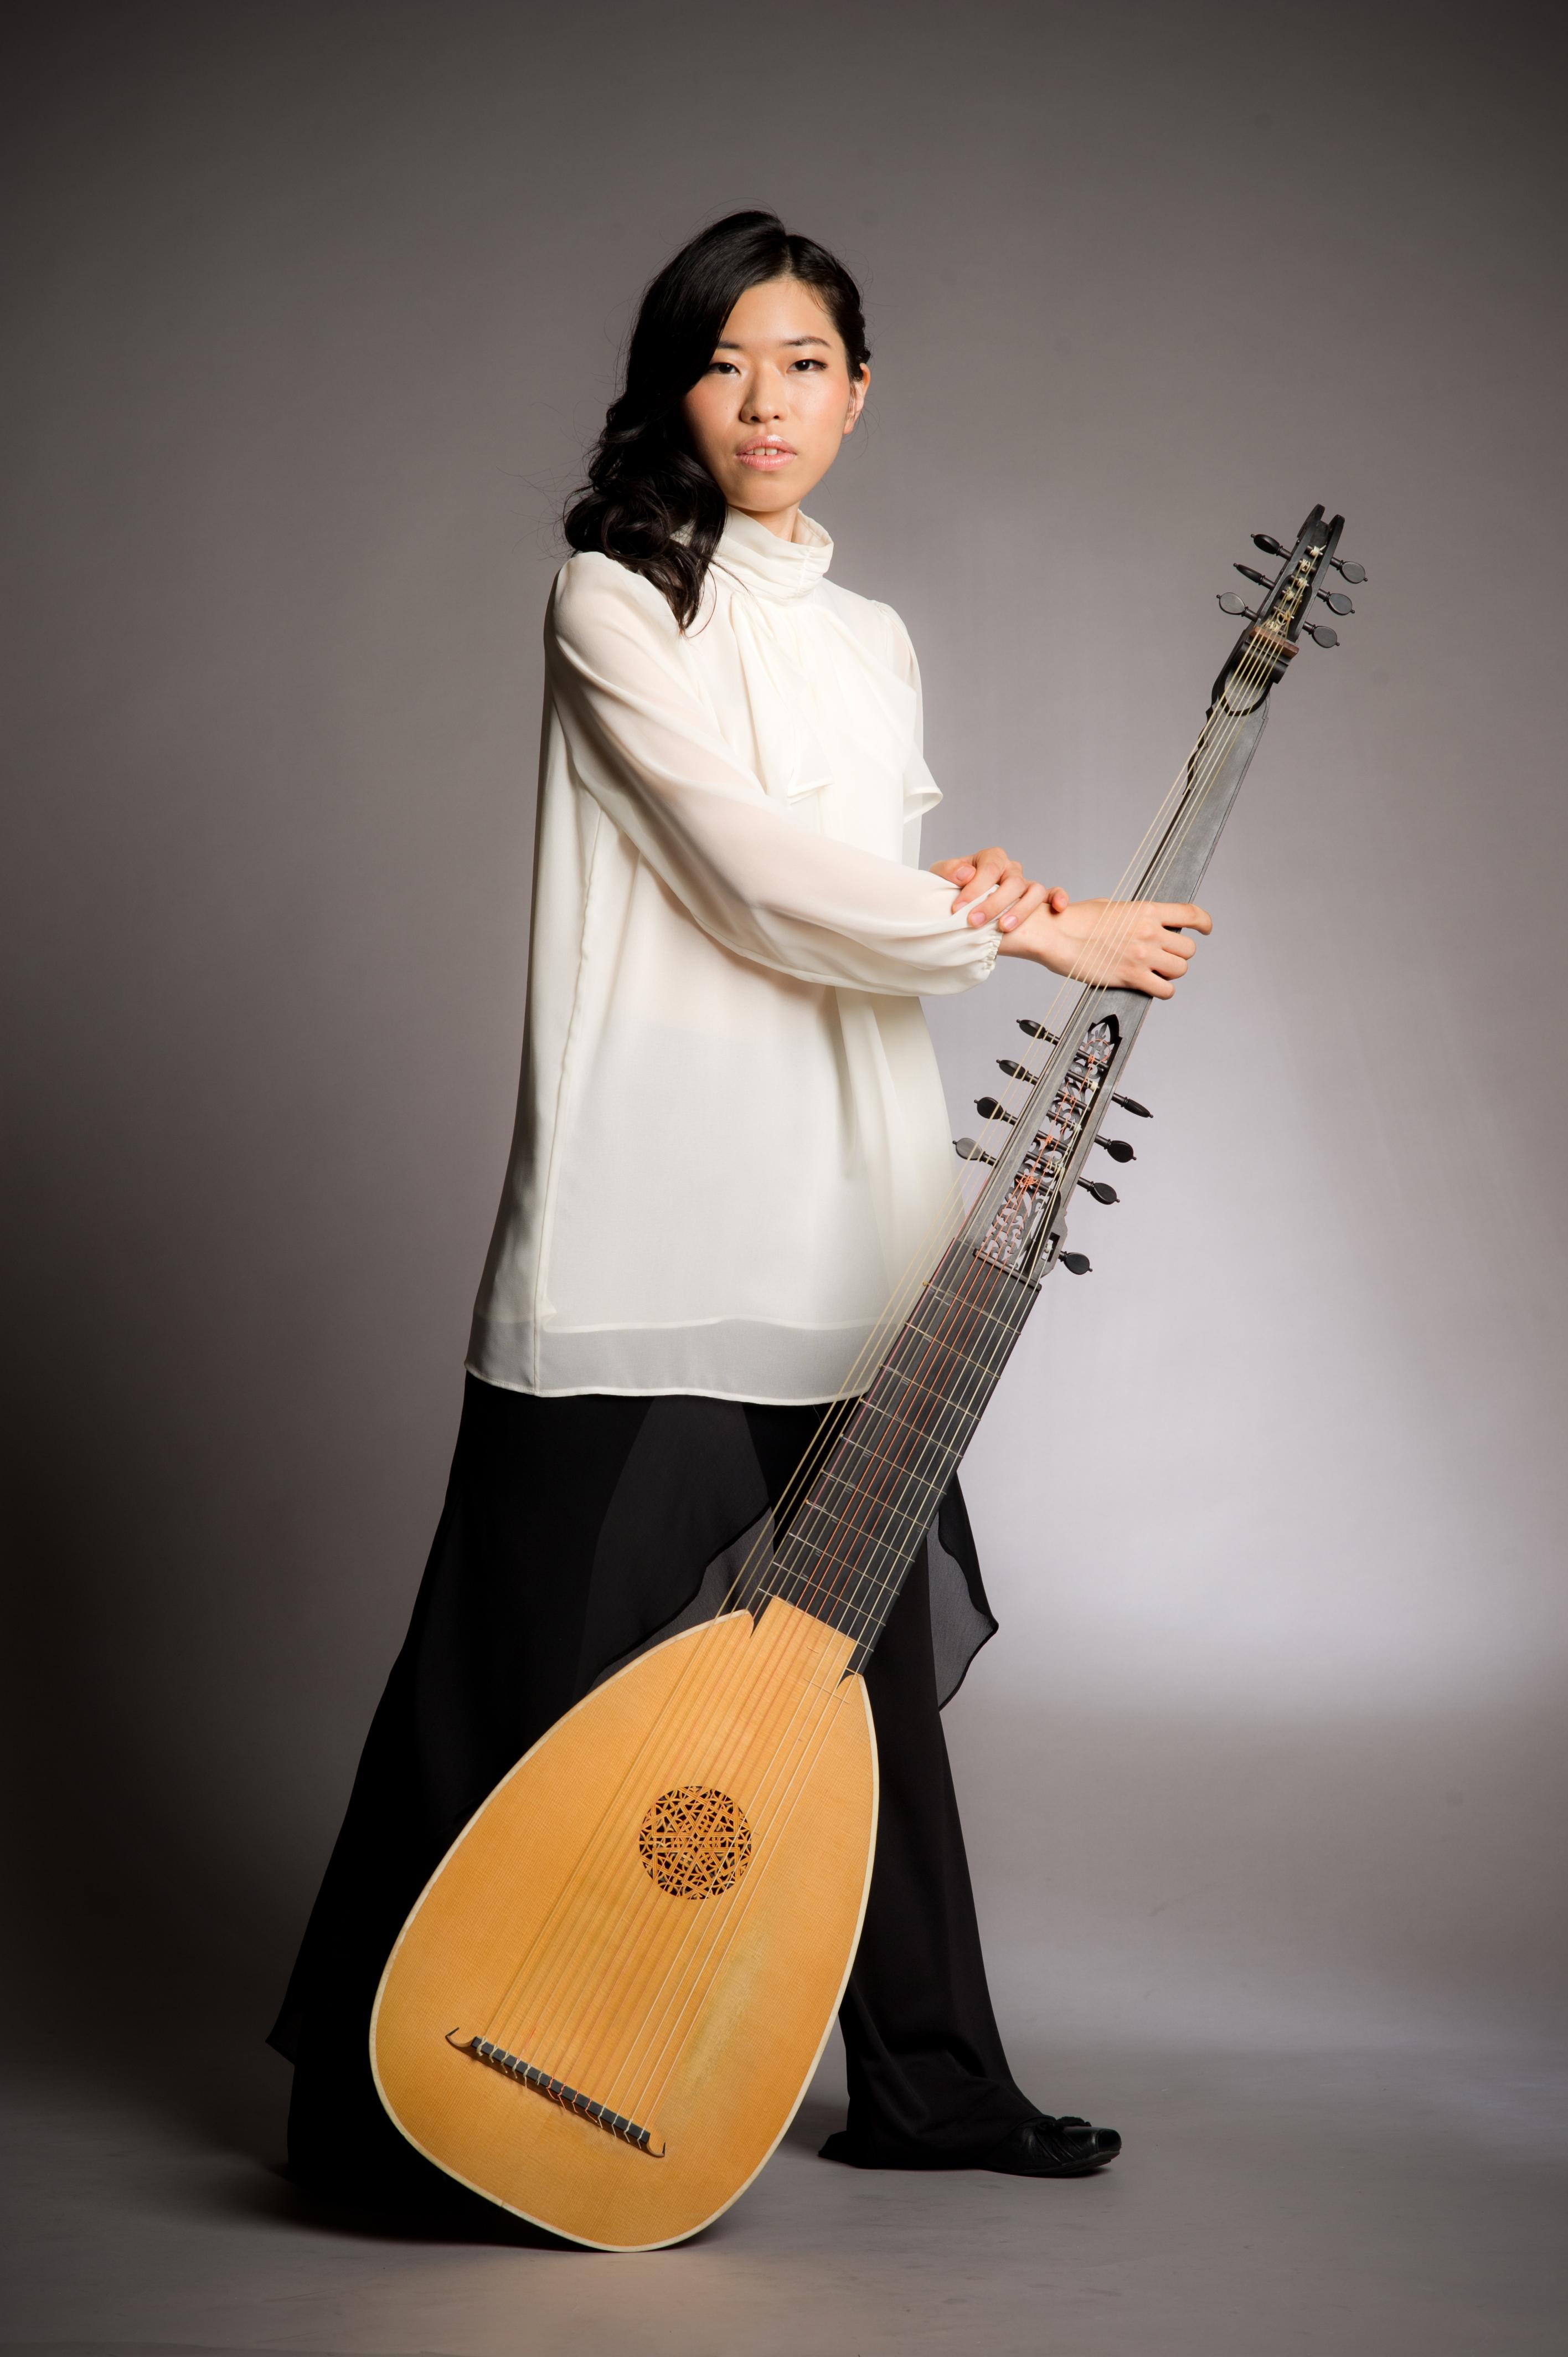 上田 朝子 Asako UEDA(テオルボ、バロックヴァイオリン)